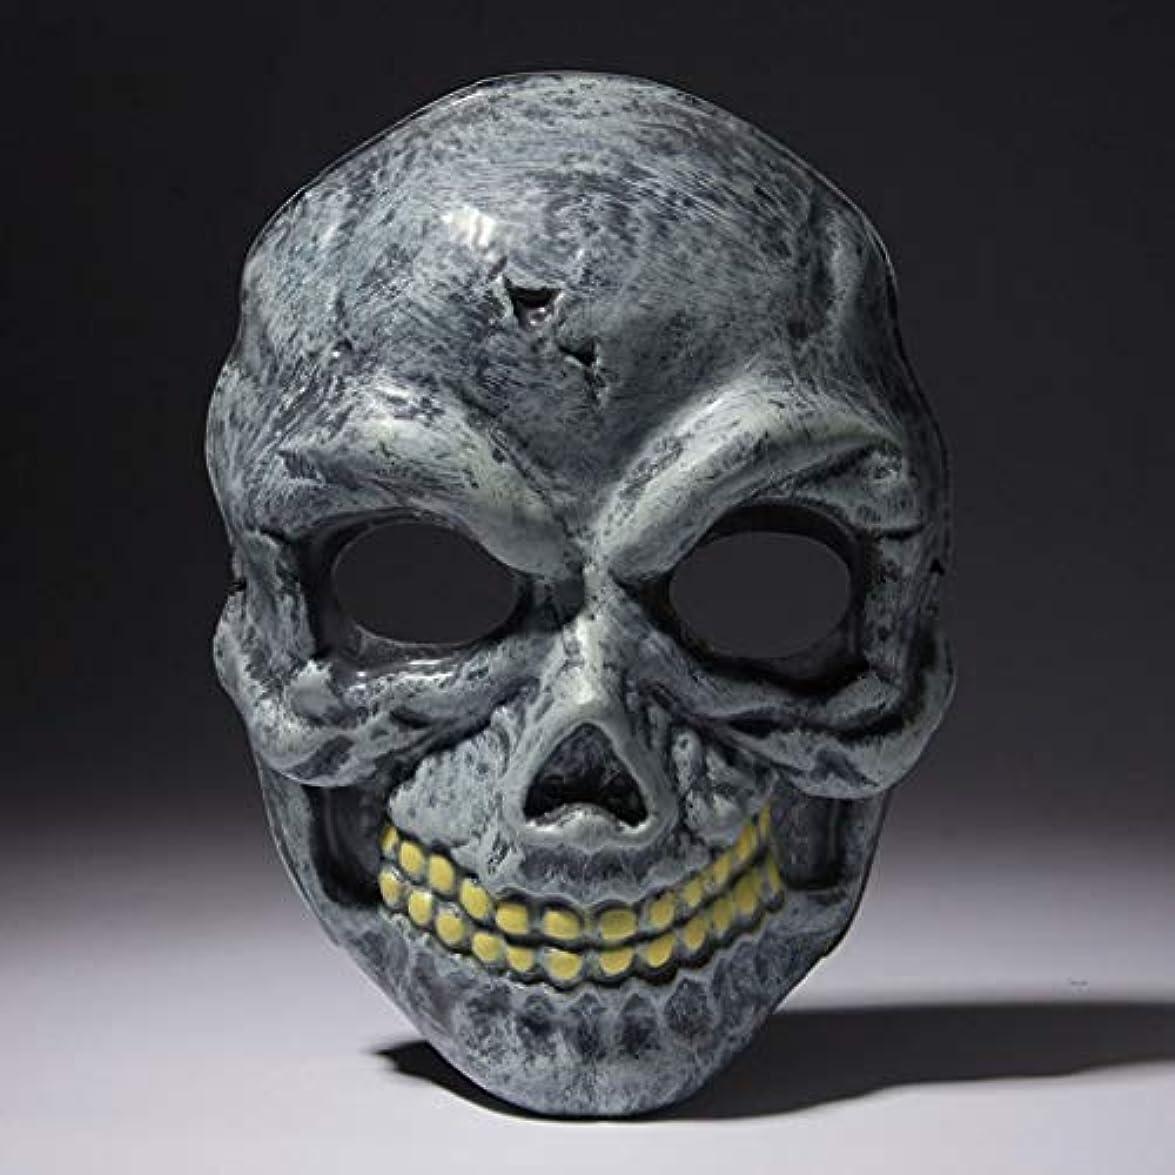 申し立てすみませんれんがハロウィーン悲鳴悪魔ホラーマスクしかめっ面怖いゾンビヘッドギア大人ゴーストフェスティバルボールマスク